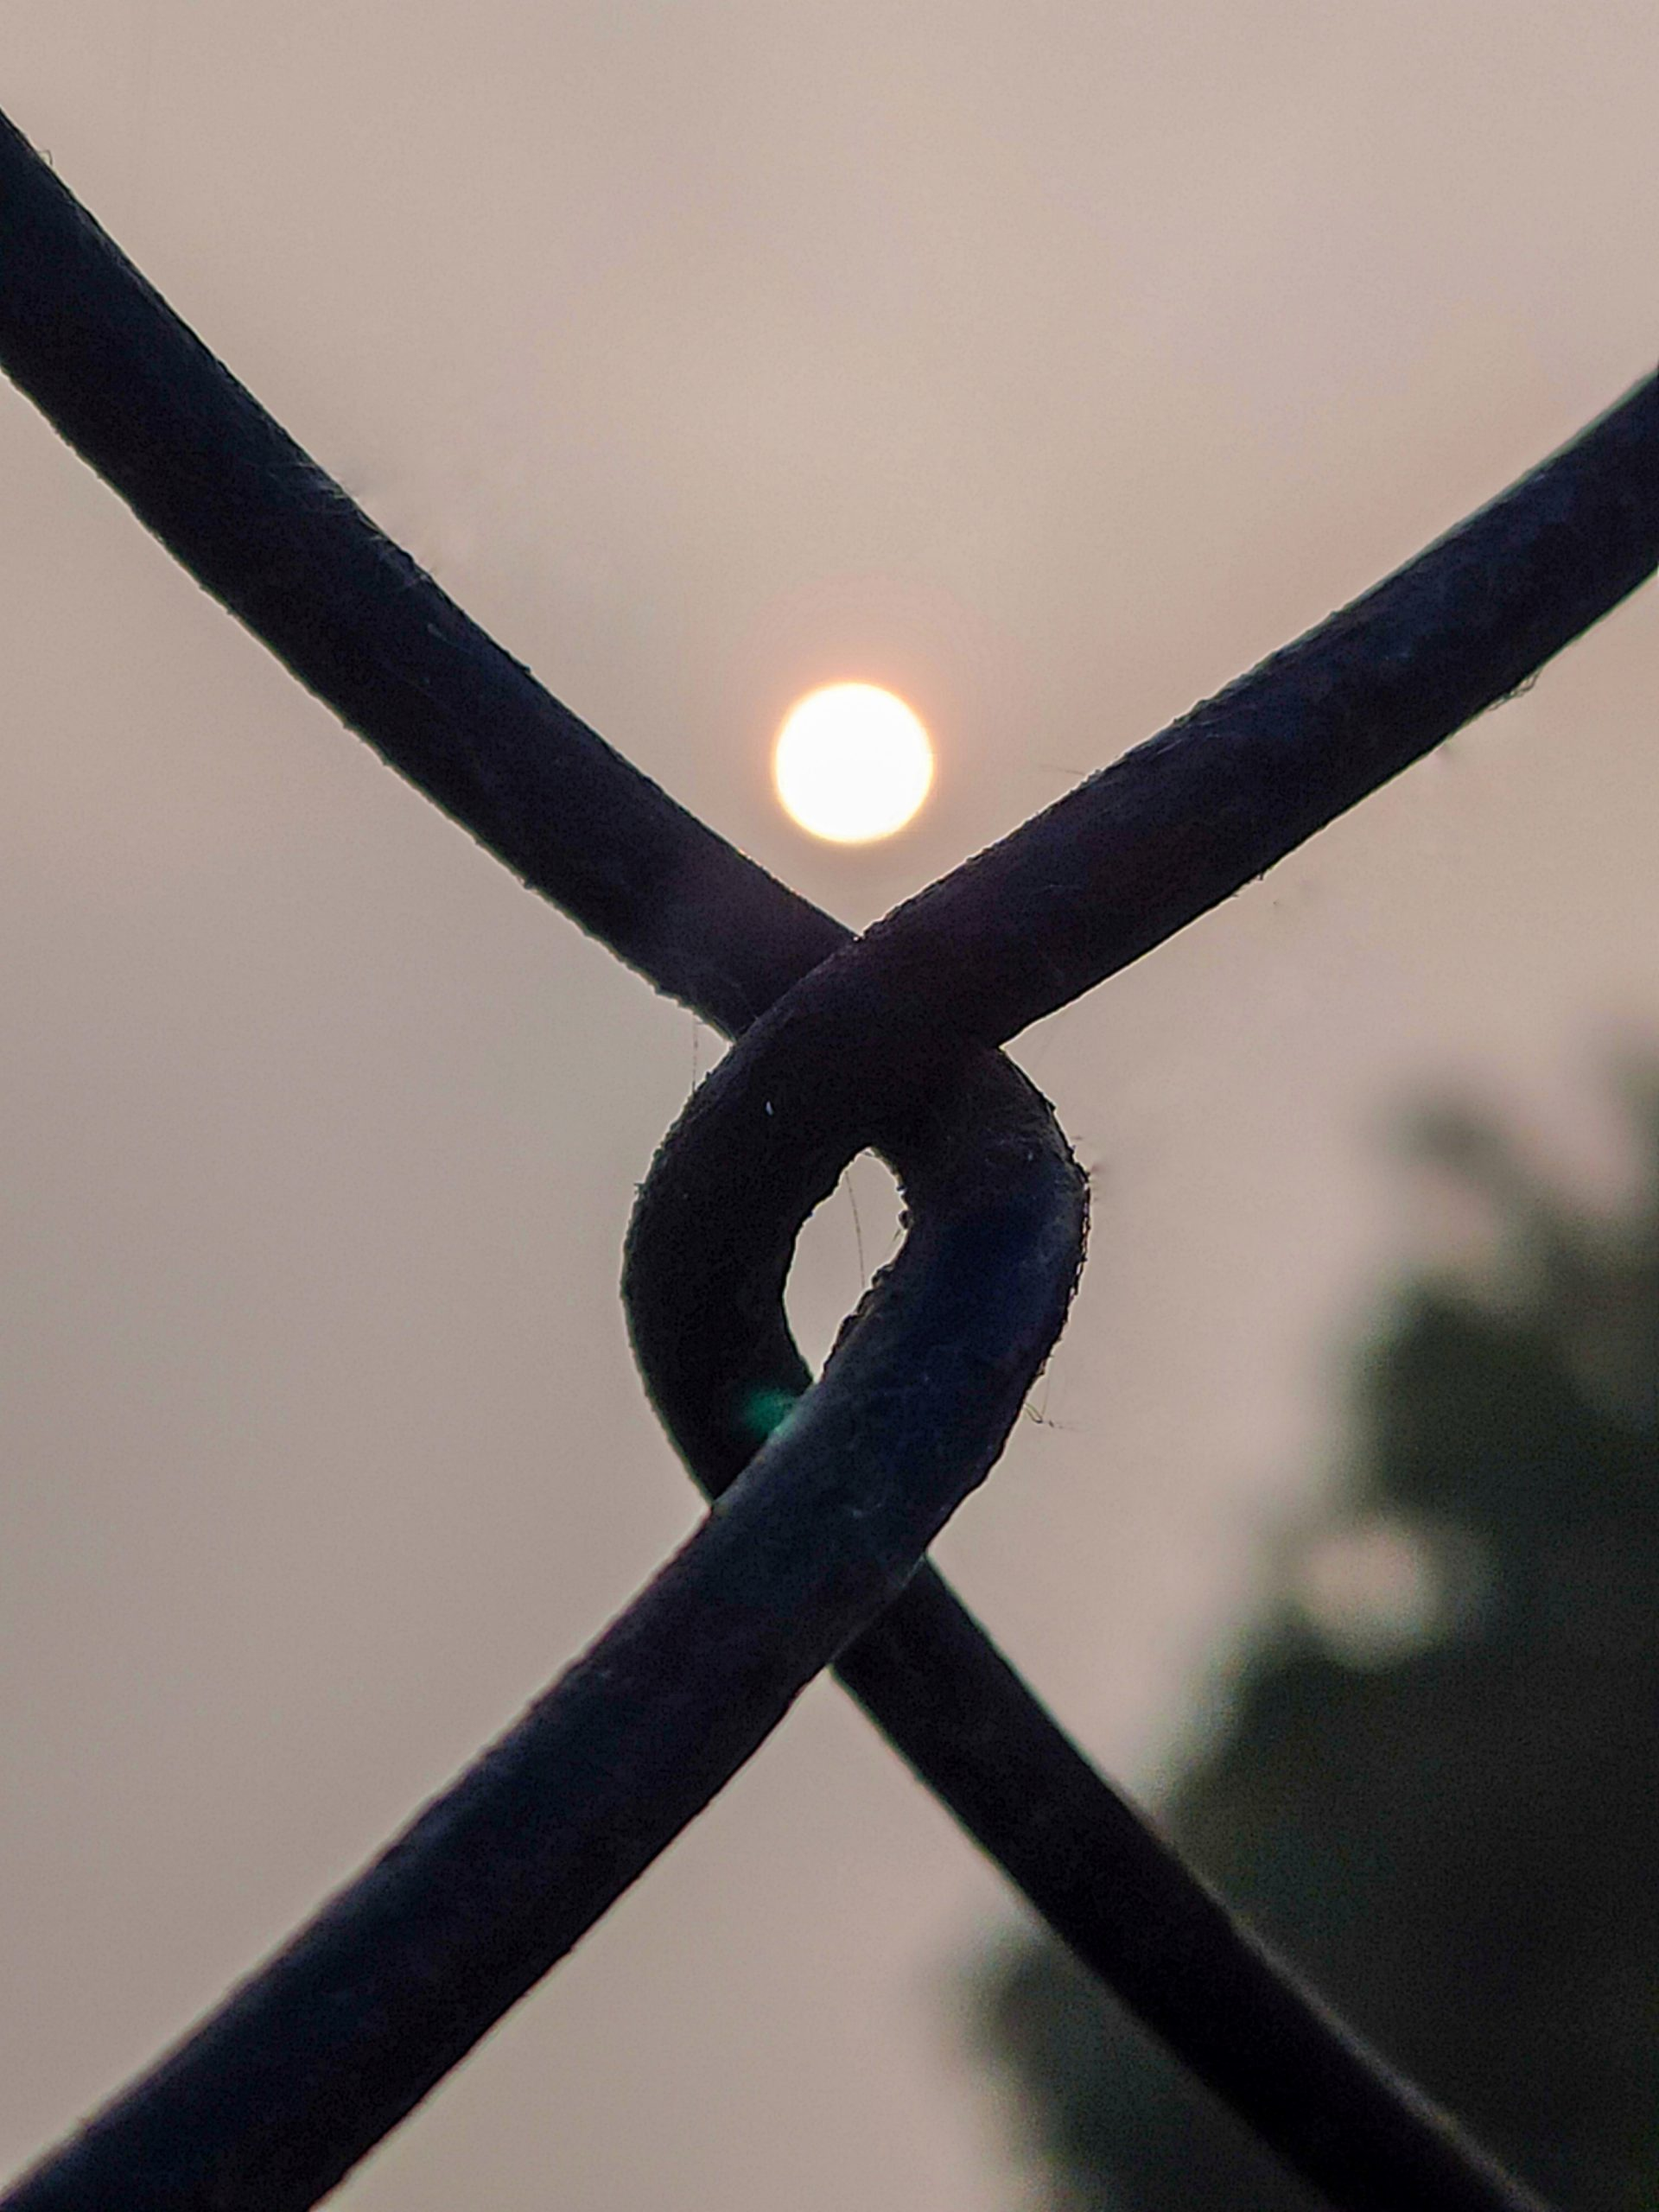 Sunset through locked wires